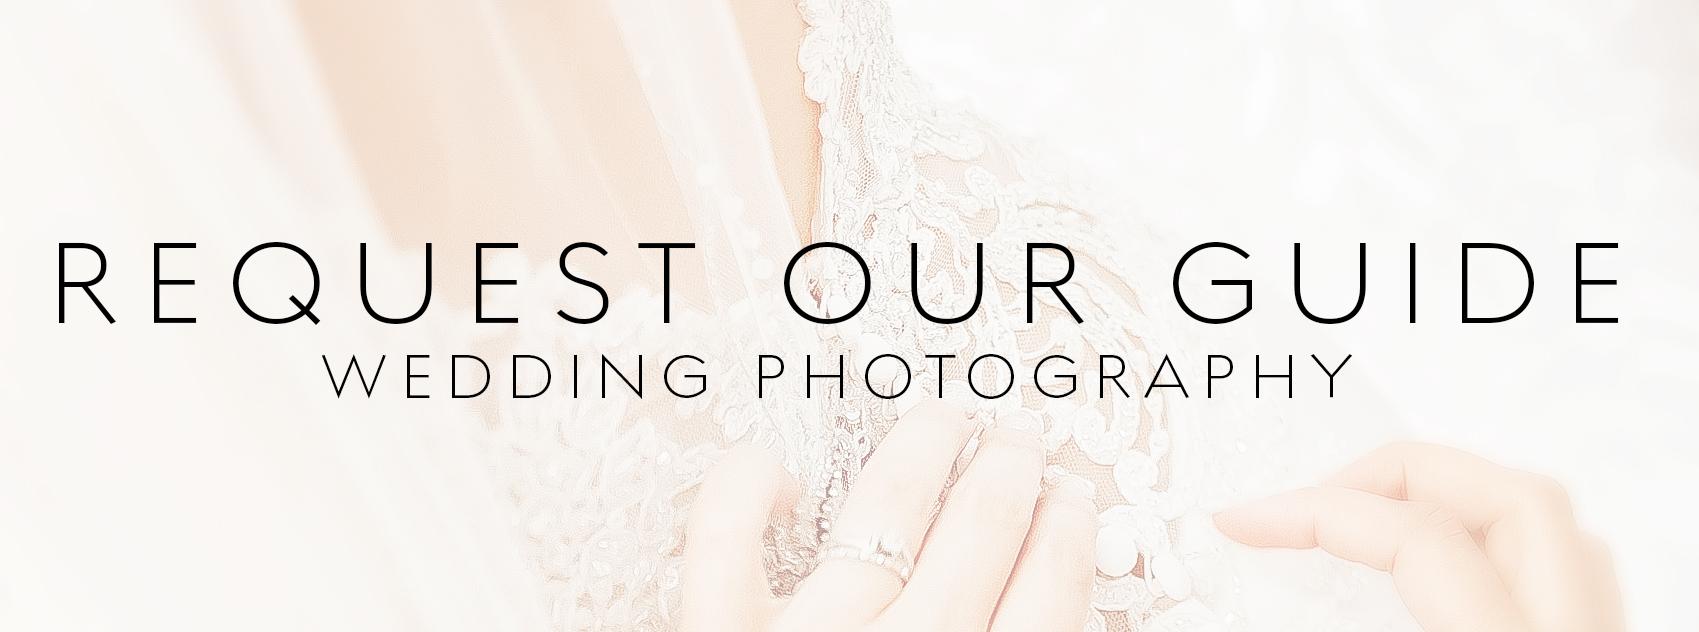 CALGARY-WEDDING-PHOTOGRAPHER